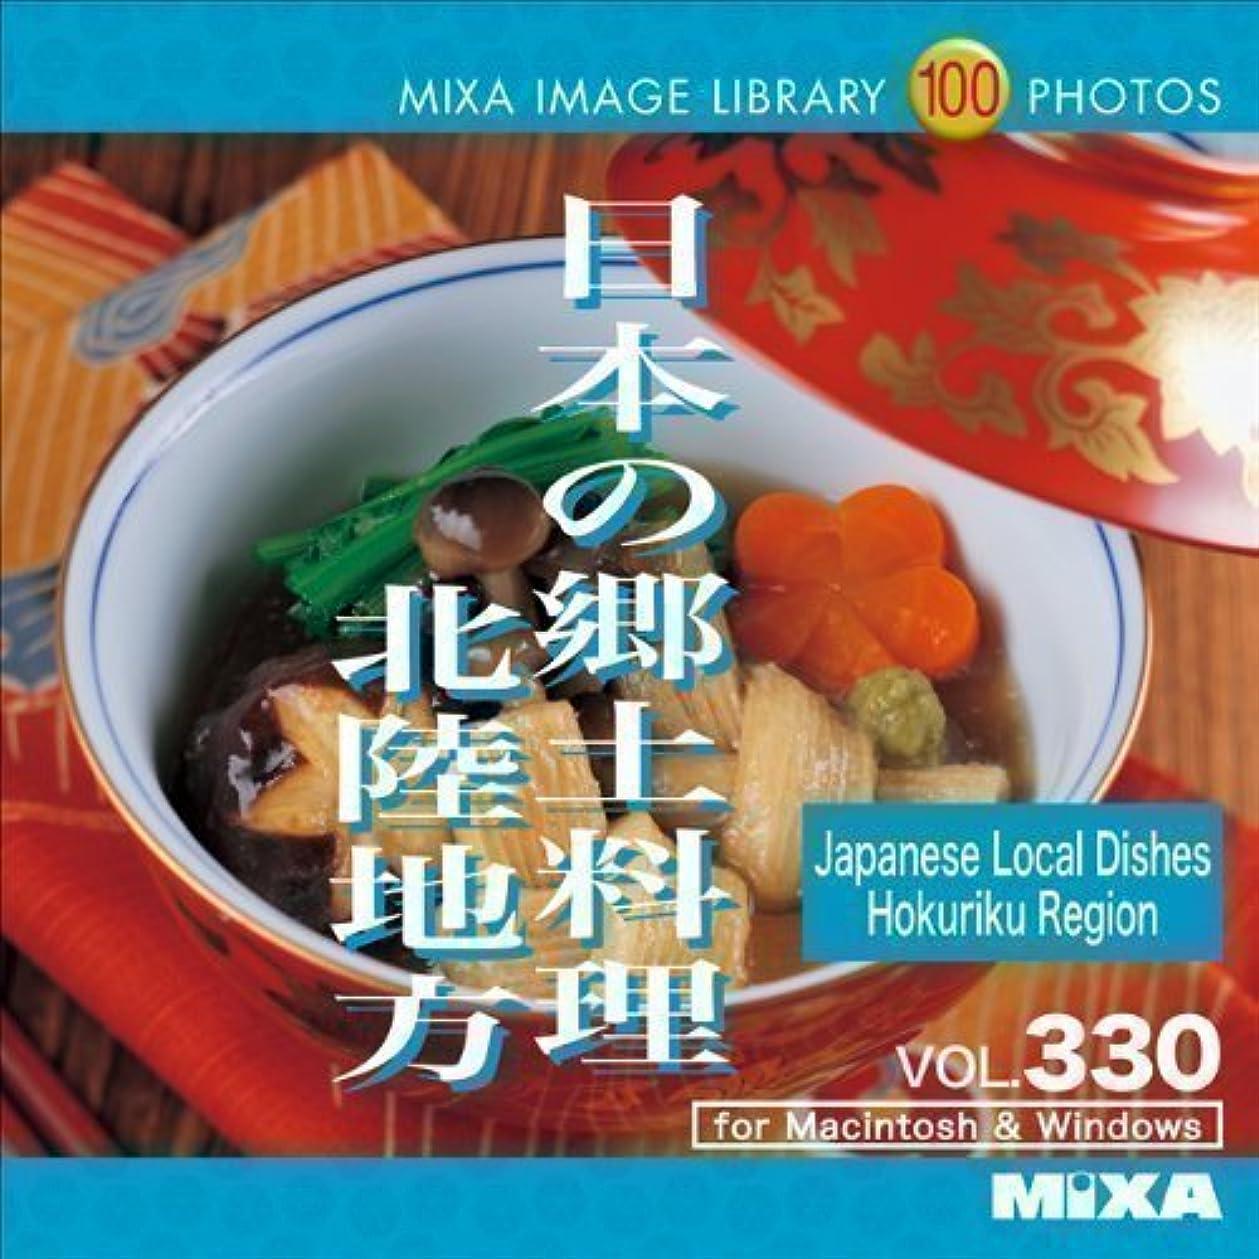 あらゆる種類のスポンジサンダースMIXA IMAGE LIBRARY Vol.330 日本の郷土料理 北陸地方